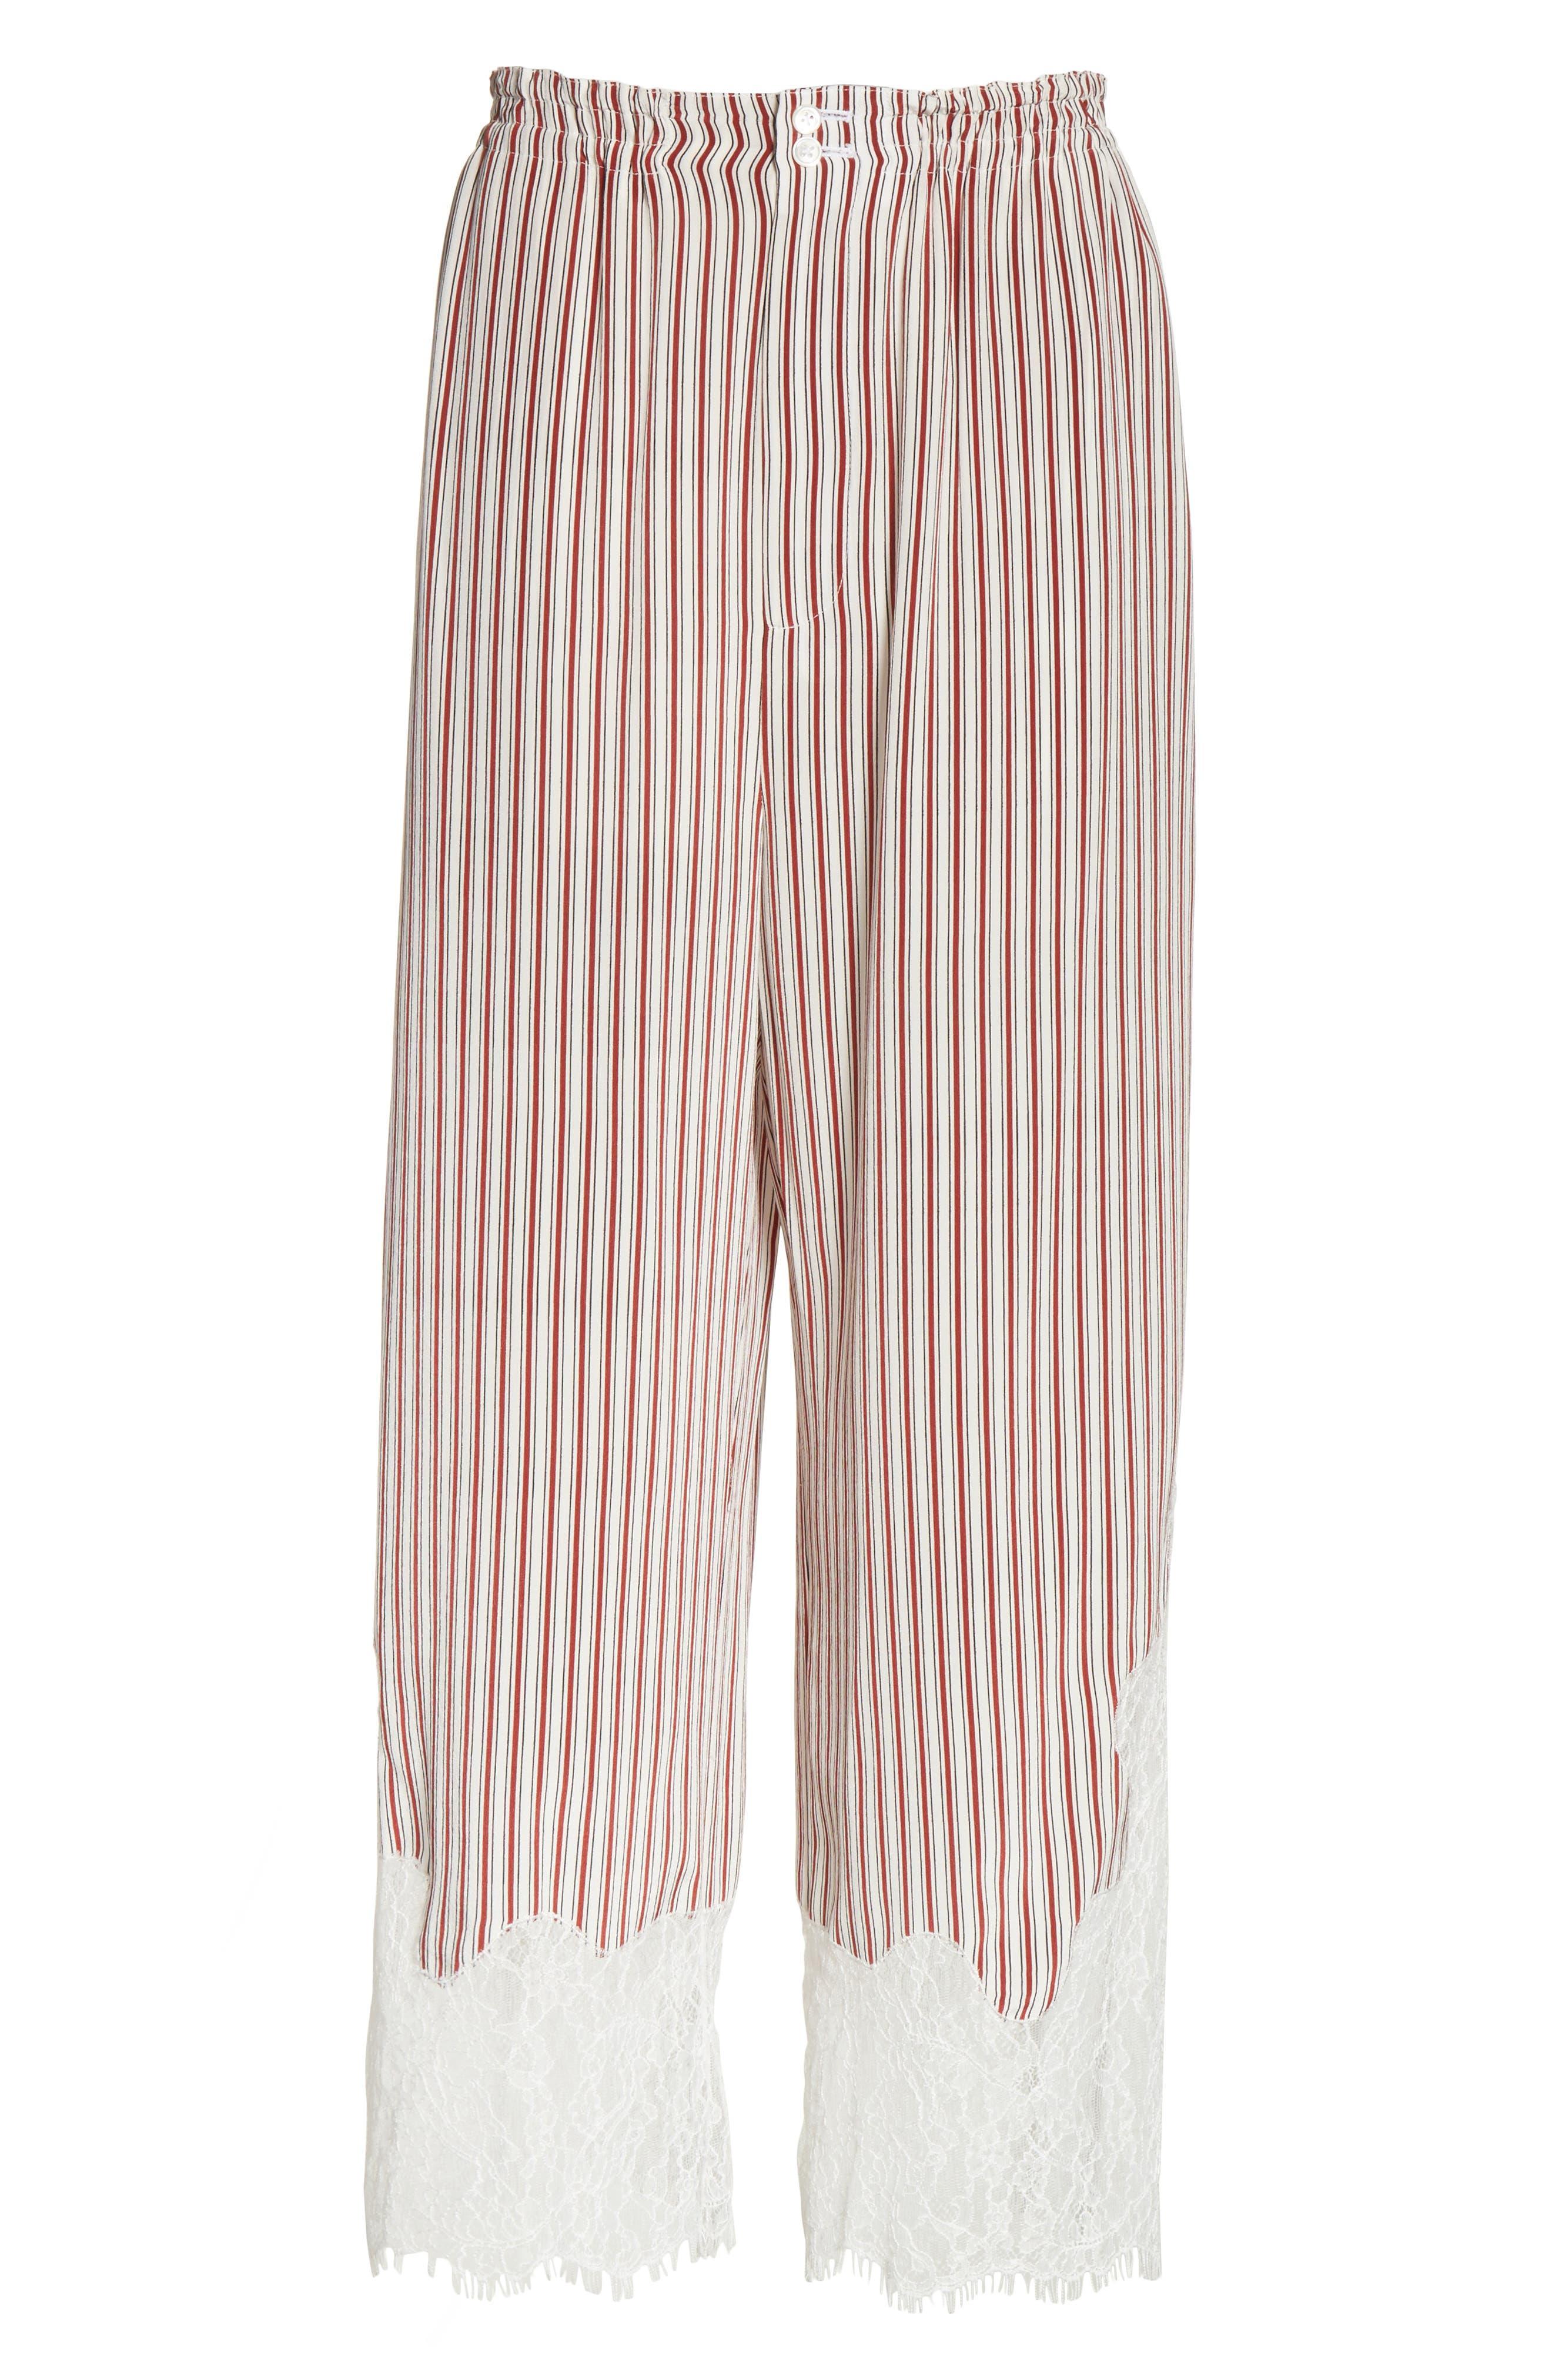 Lace Hem Stripe Pants,                             Alternate thumbnail 6, color,                             600